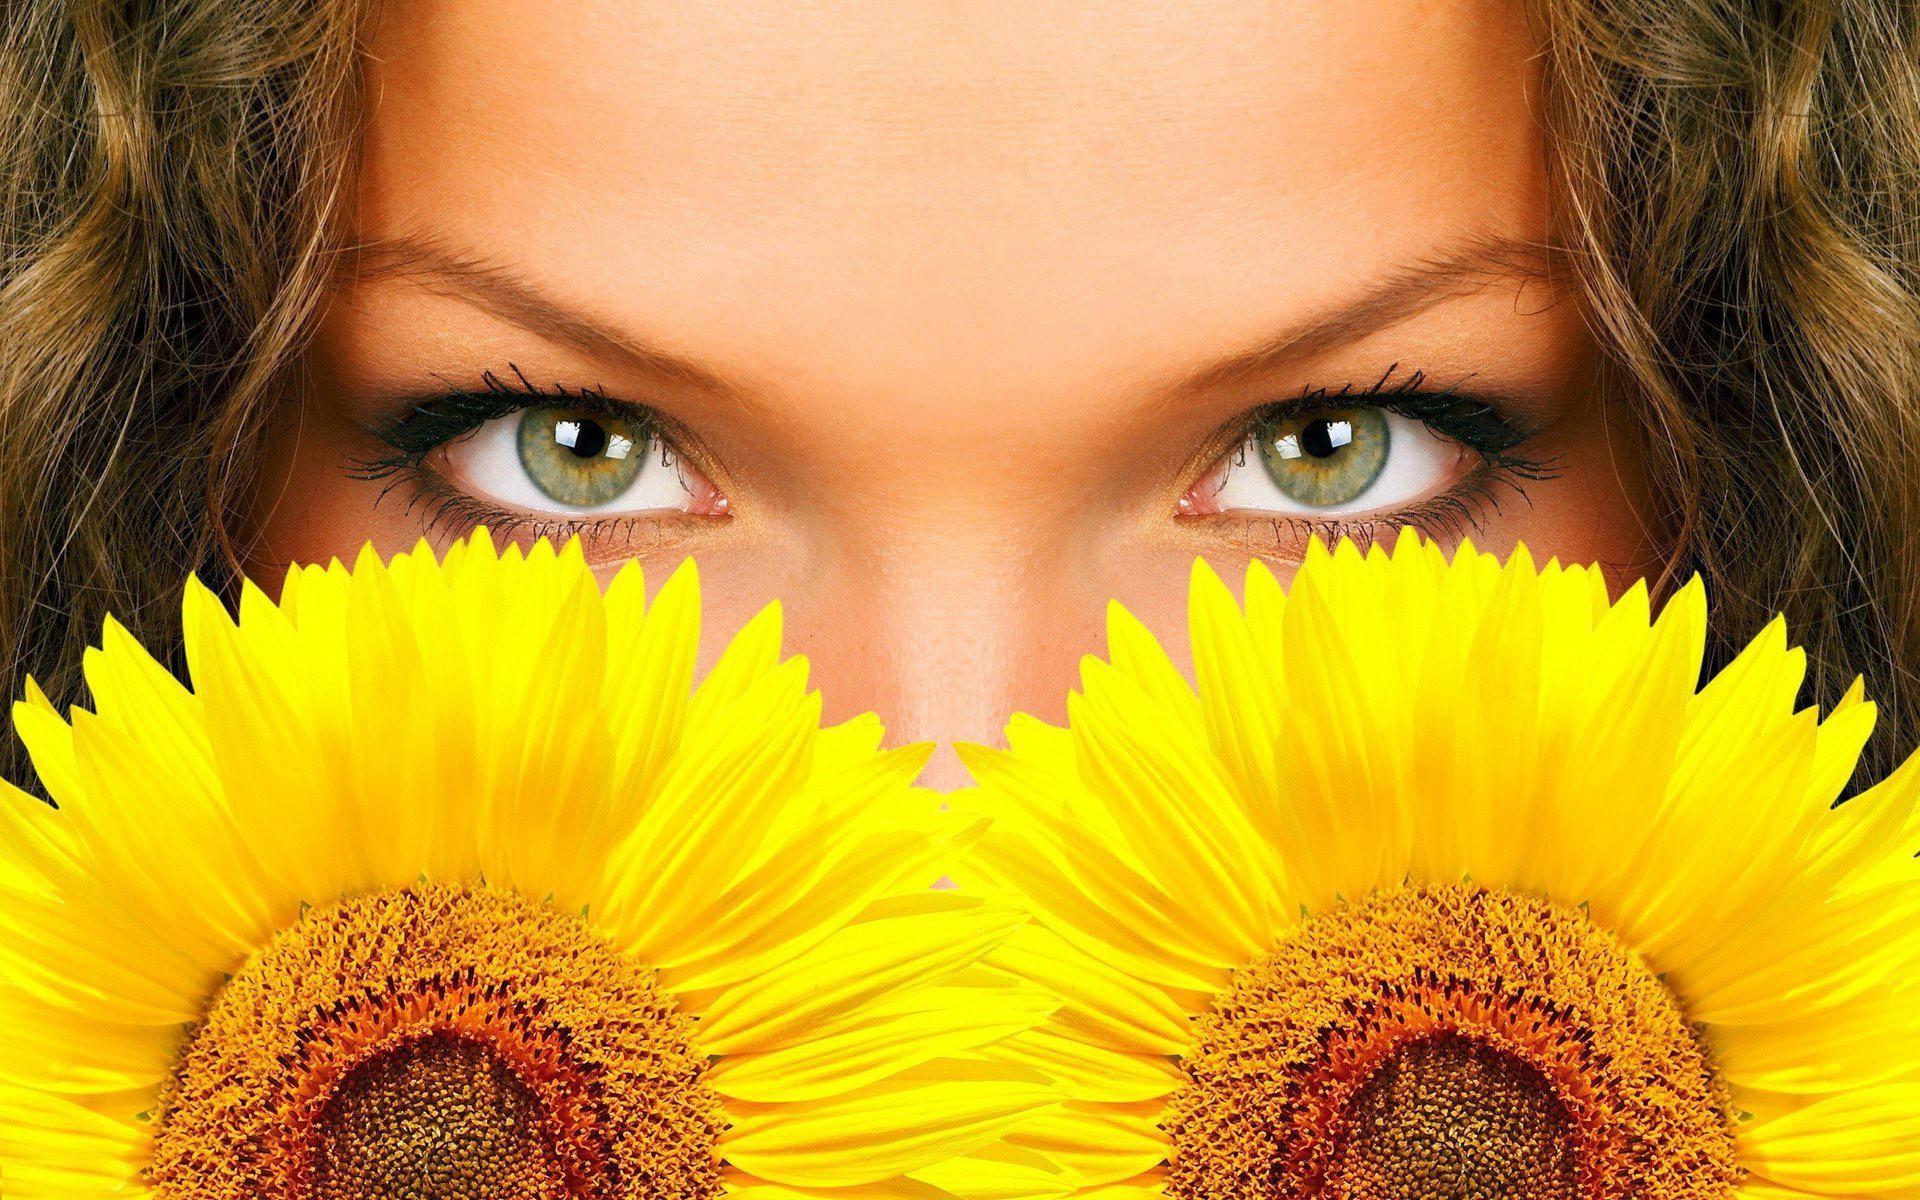 Hermosos ojos y girasoles - 1920x1200